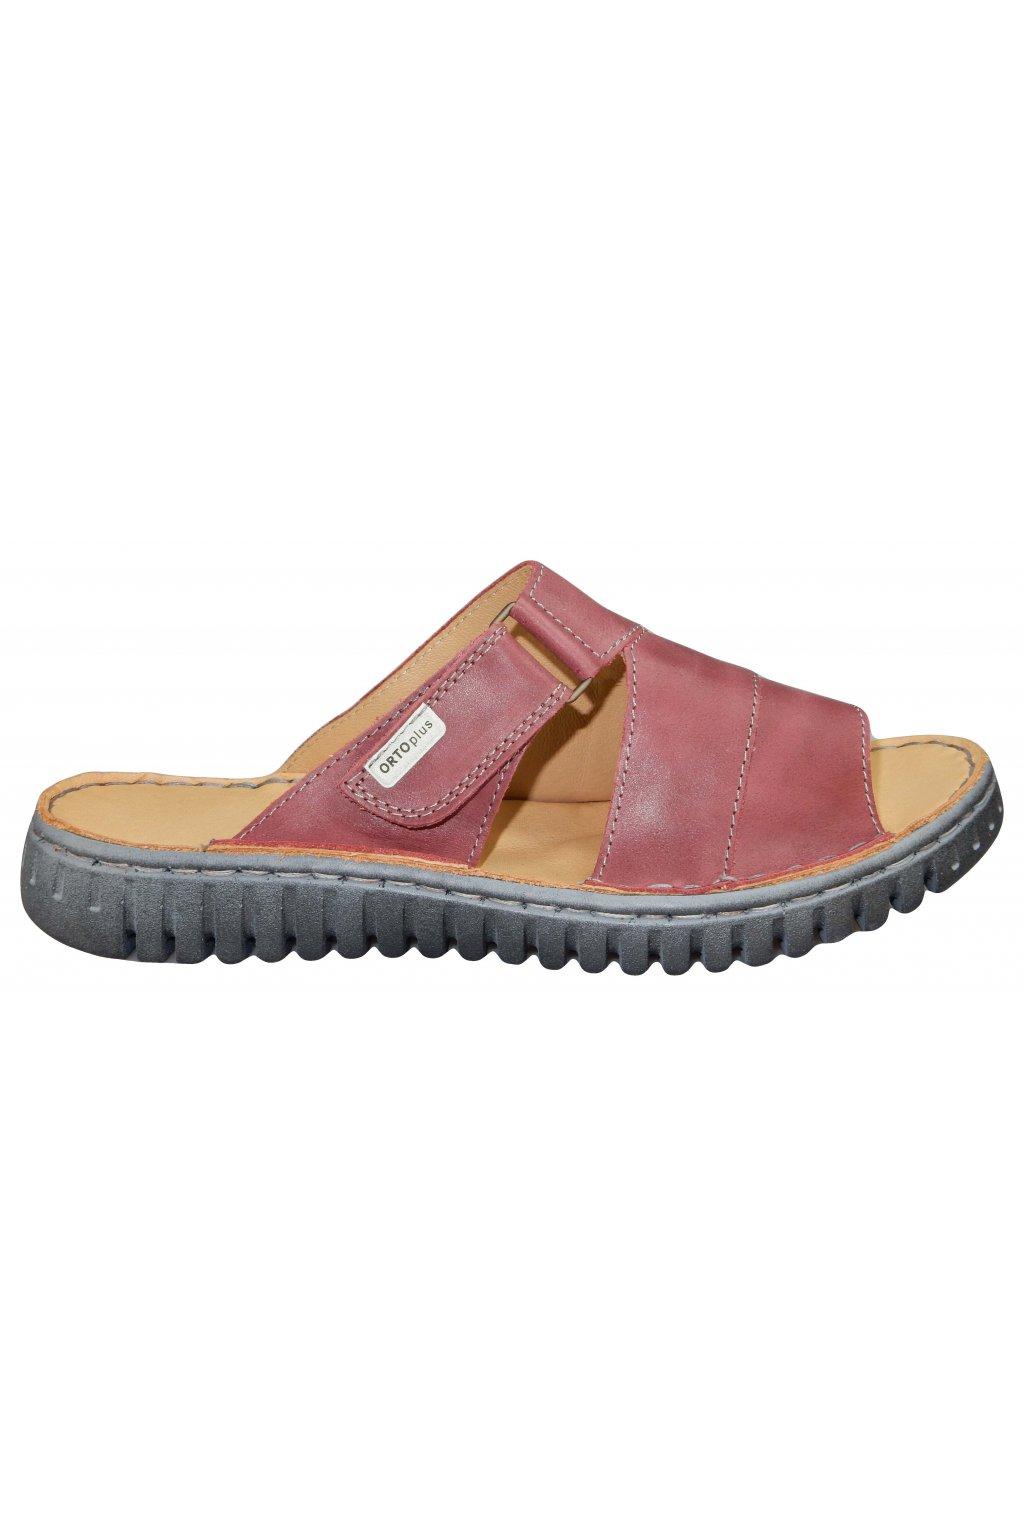 Dámské vycházkové pantofle ORTO PLUS 8056